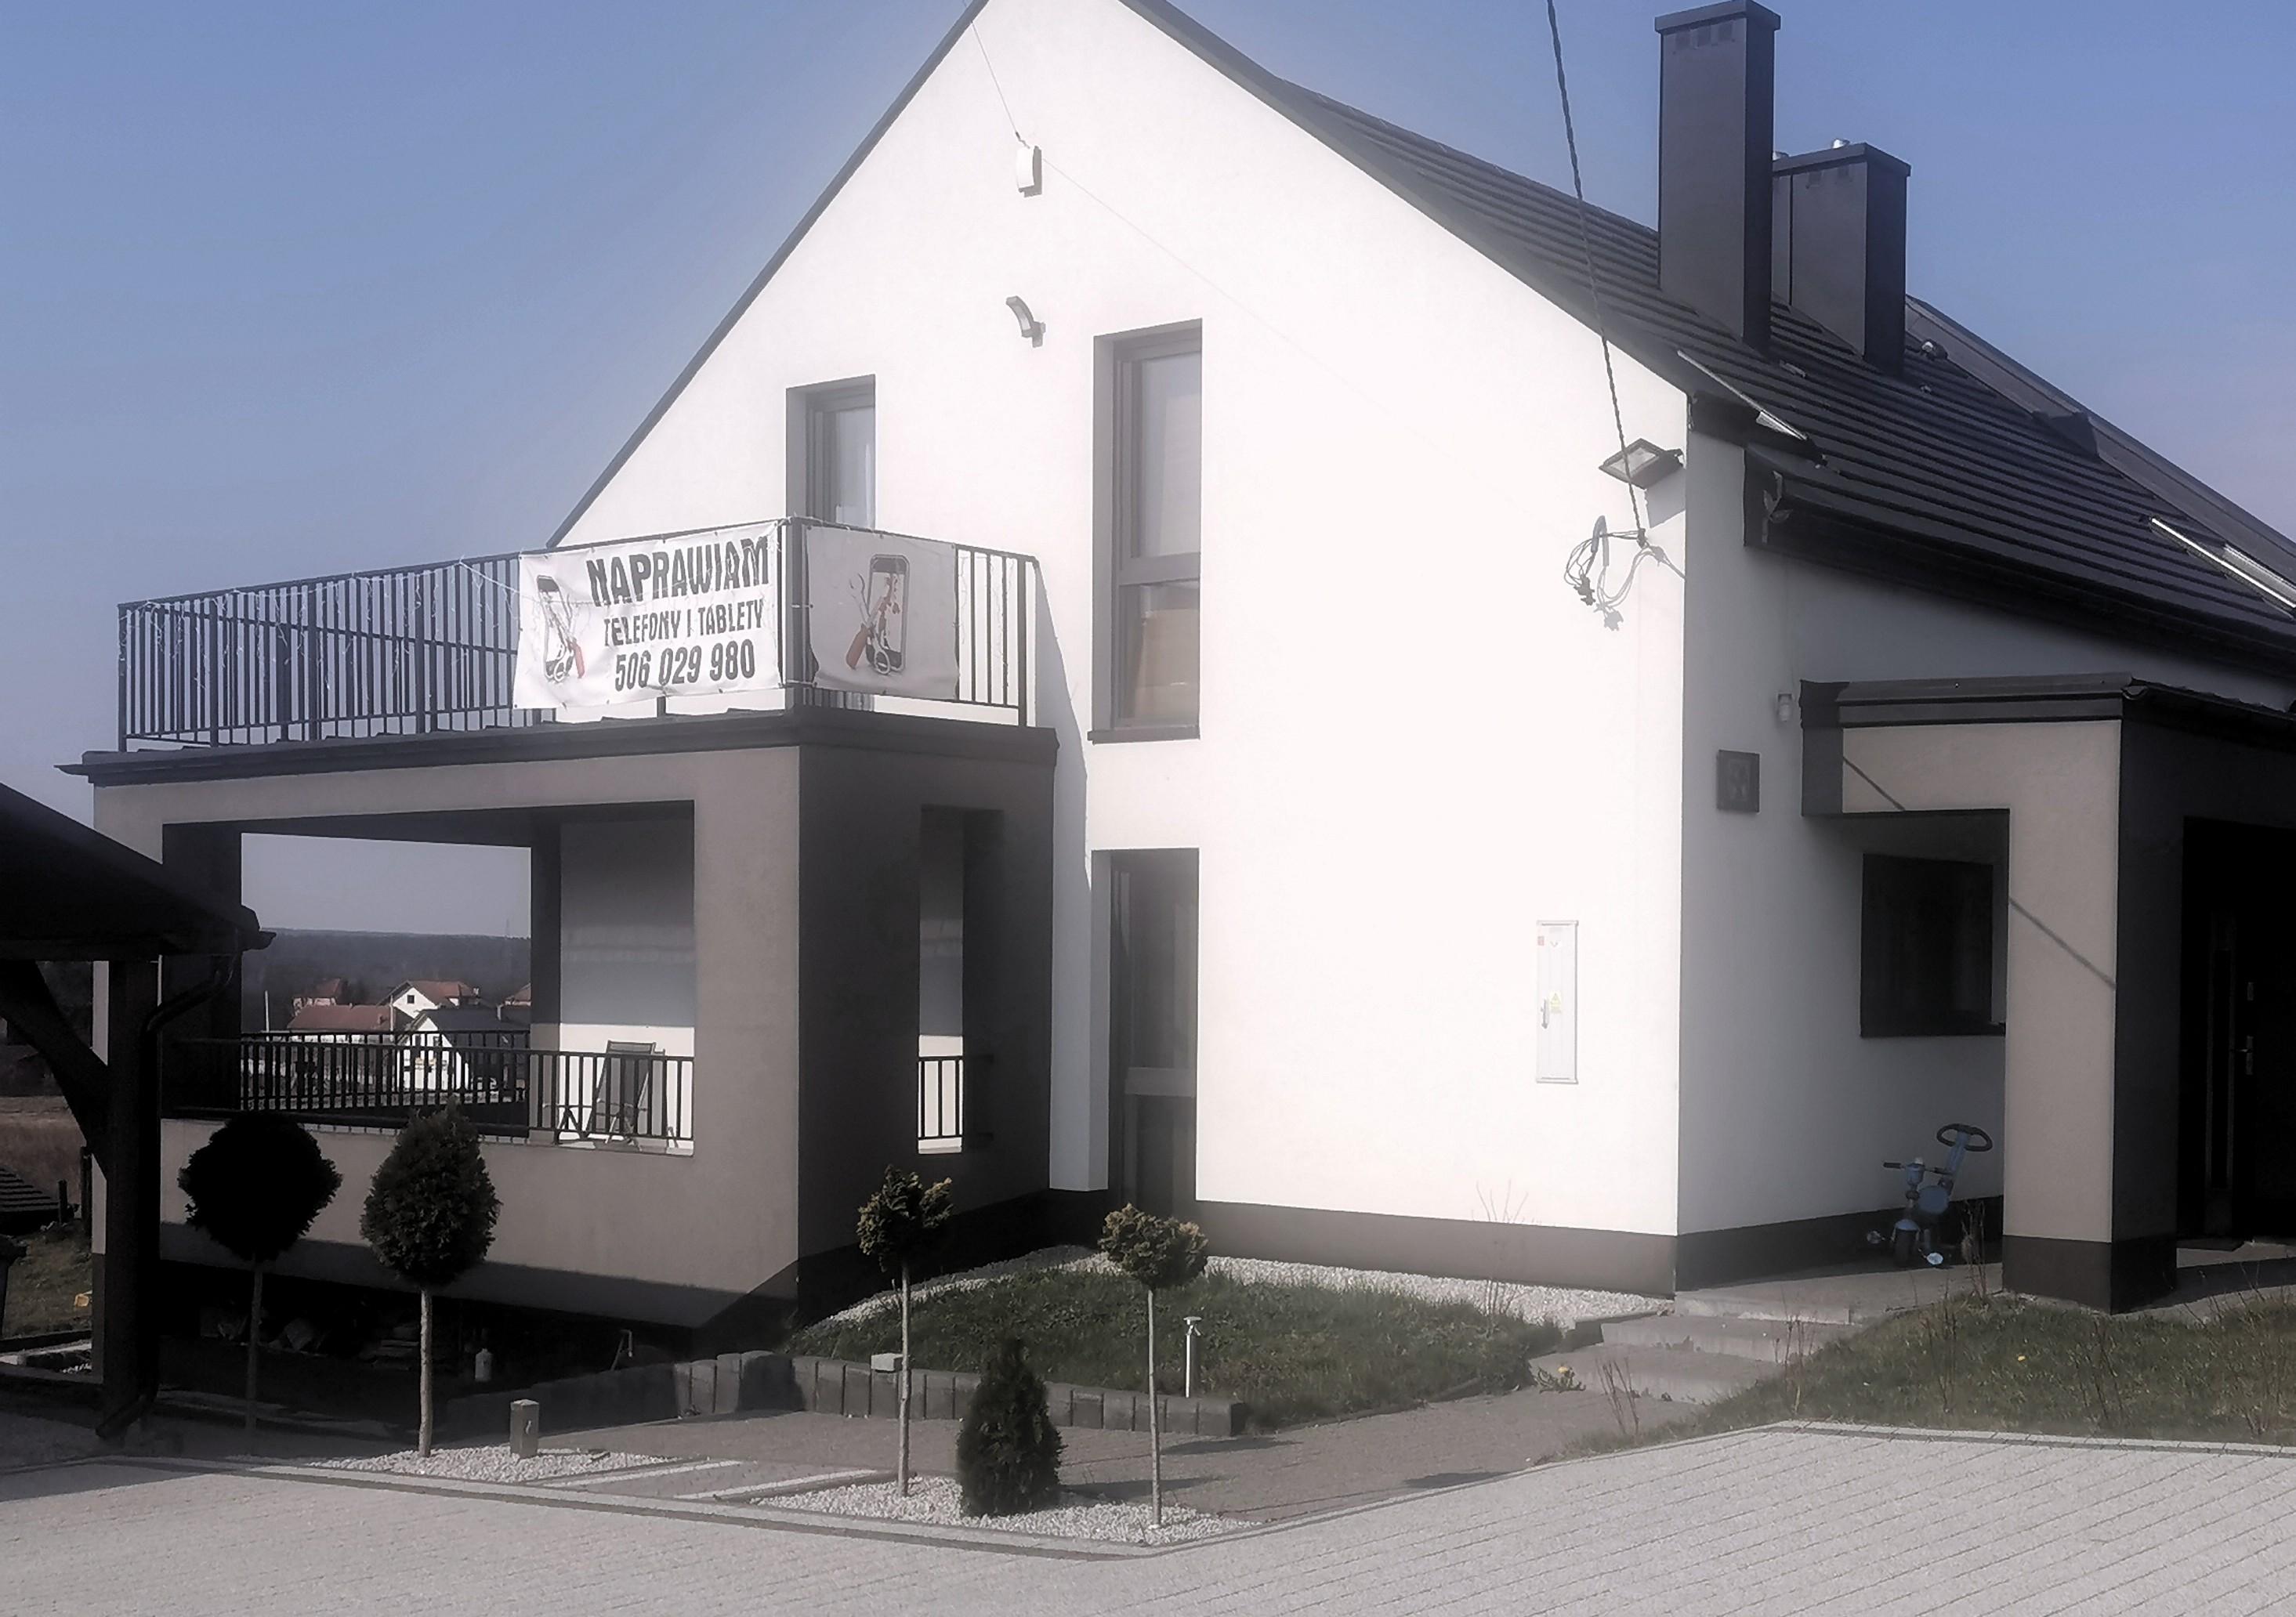 Siedziba firmy Rybna Serwis - ul. Wspólna 2, Rybna